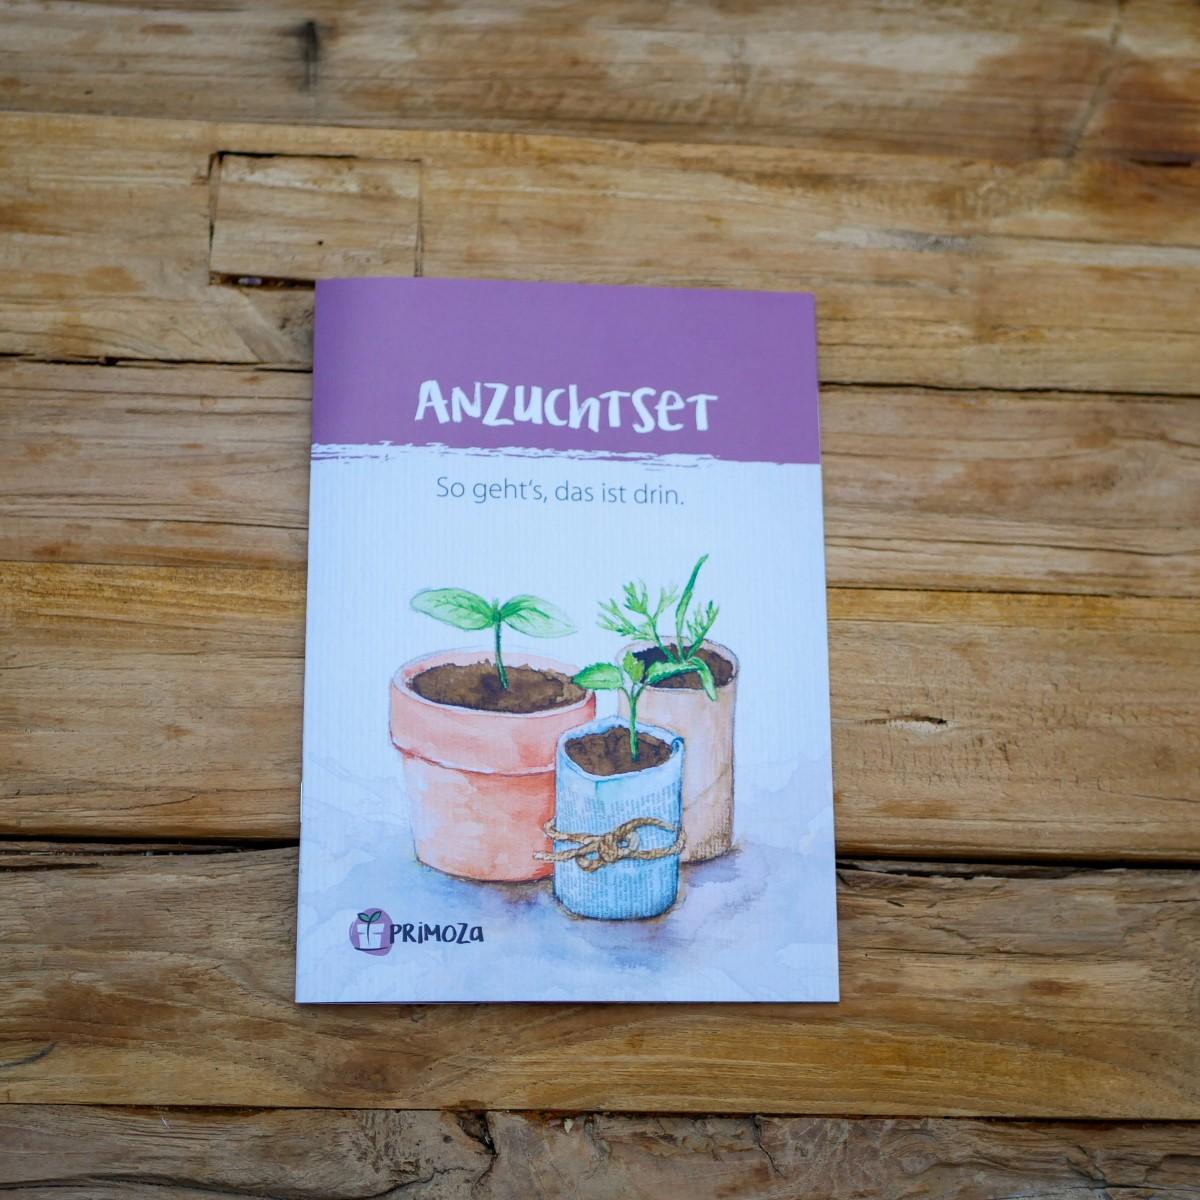 Titelseite der Einpflanzbroschüre von primoza, die zum Anzuchtset gehört.